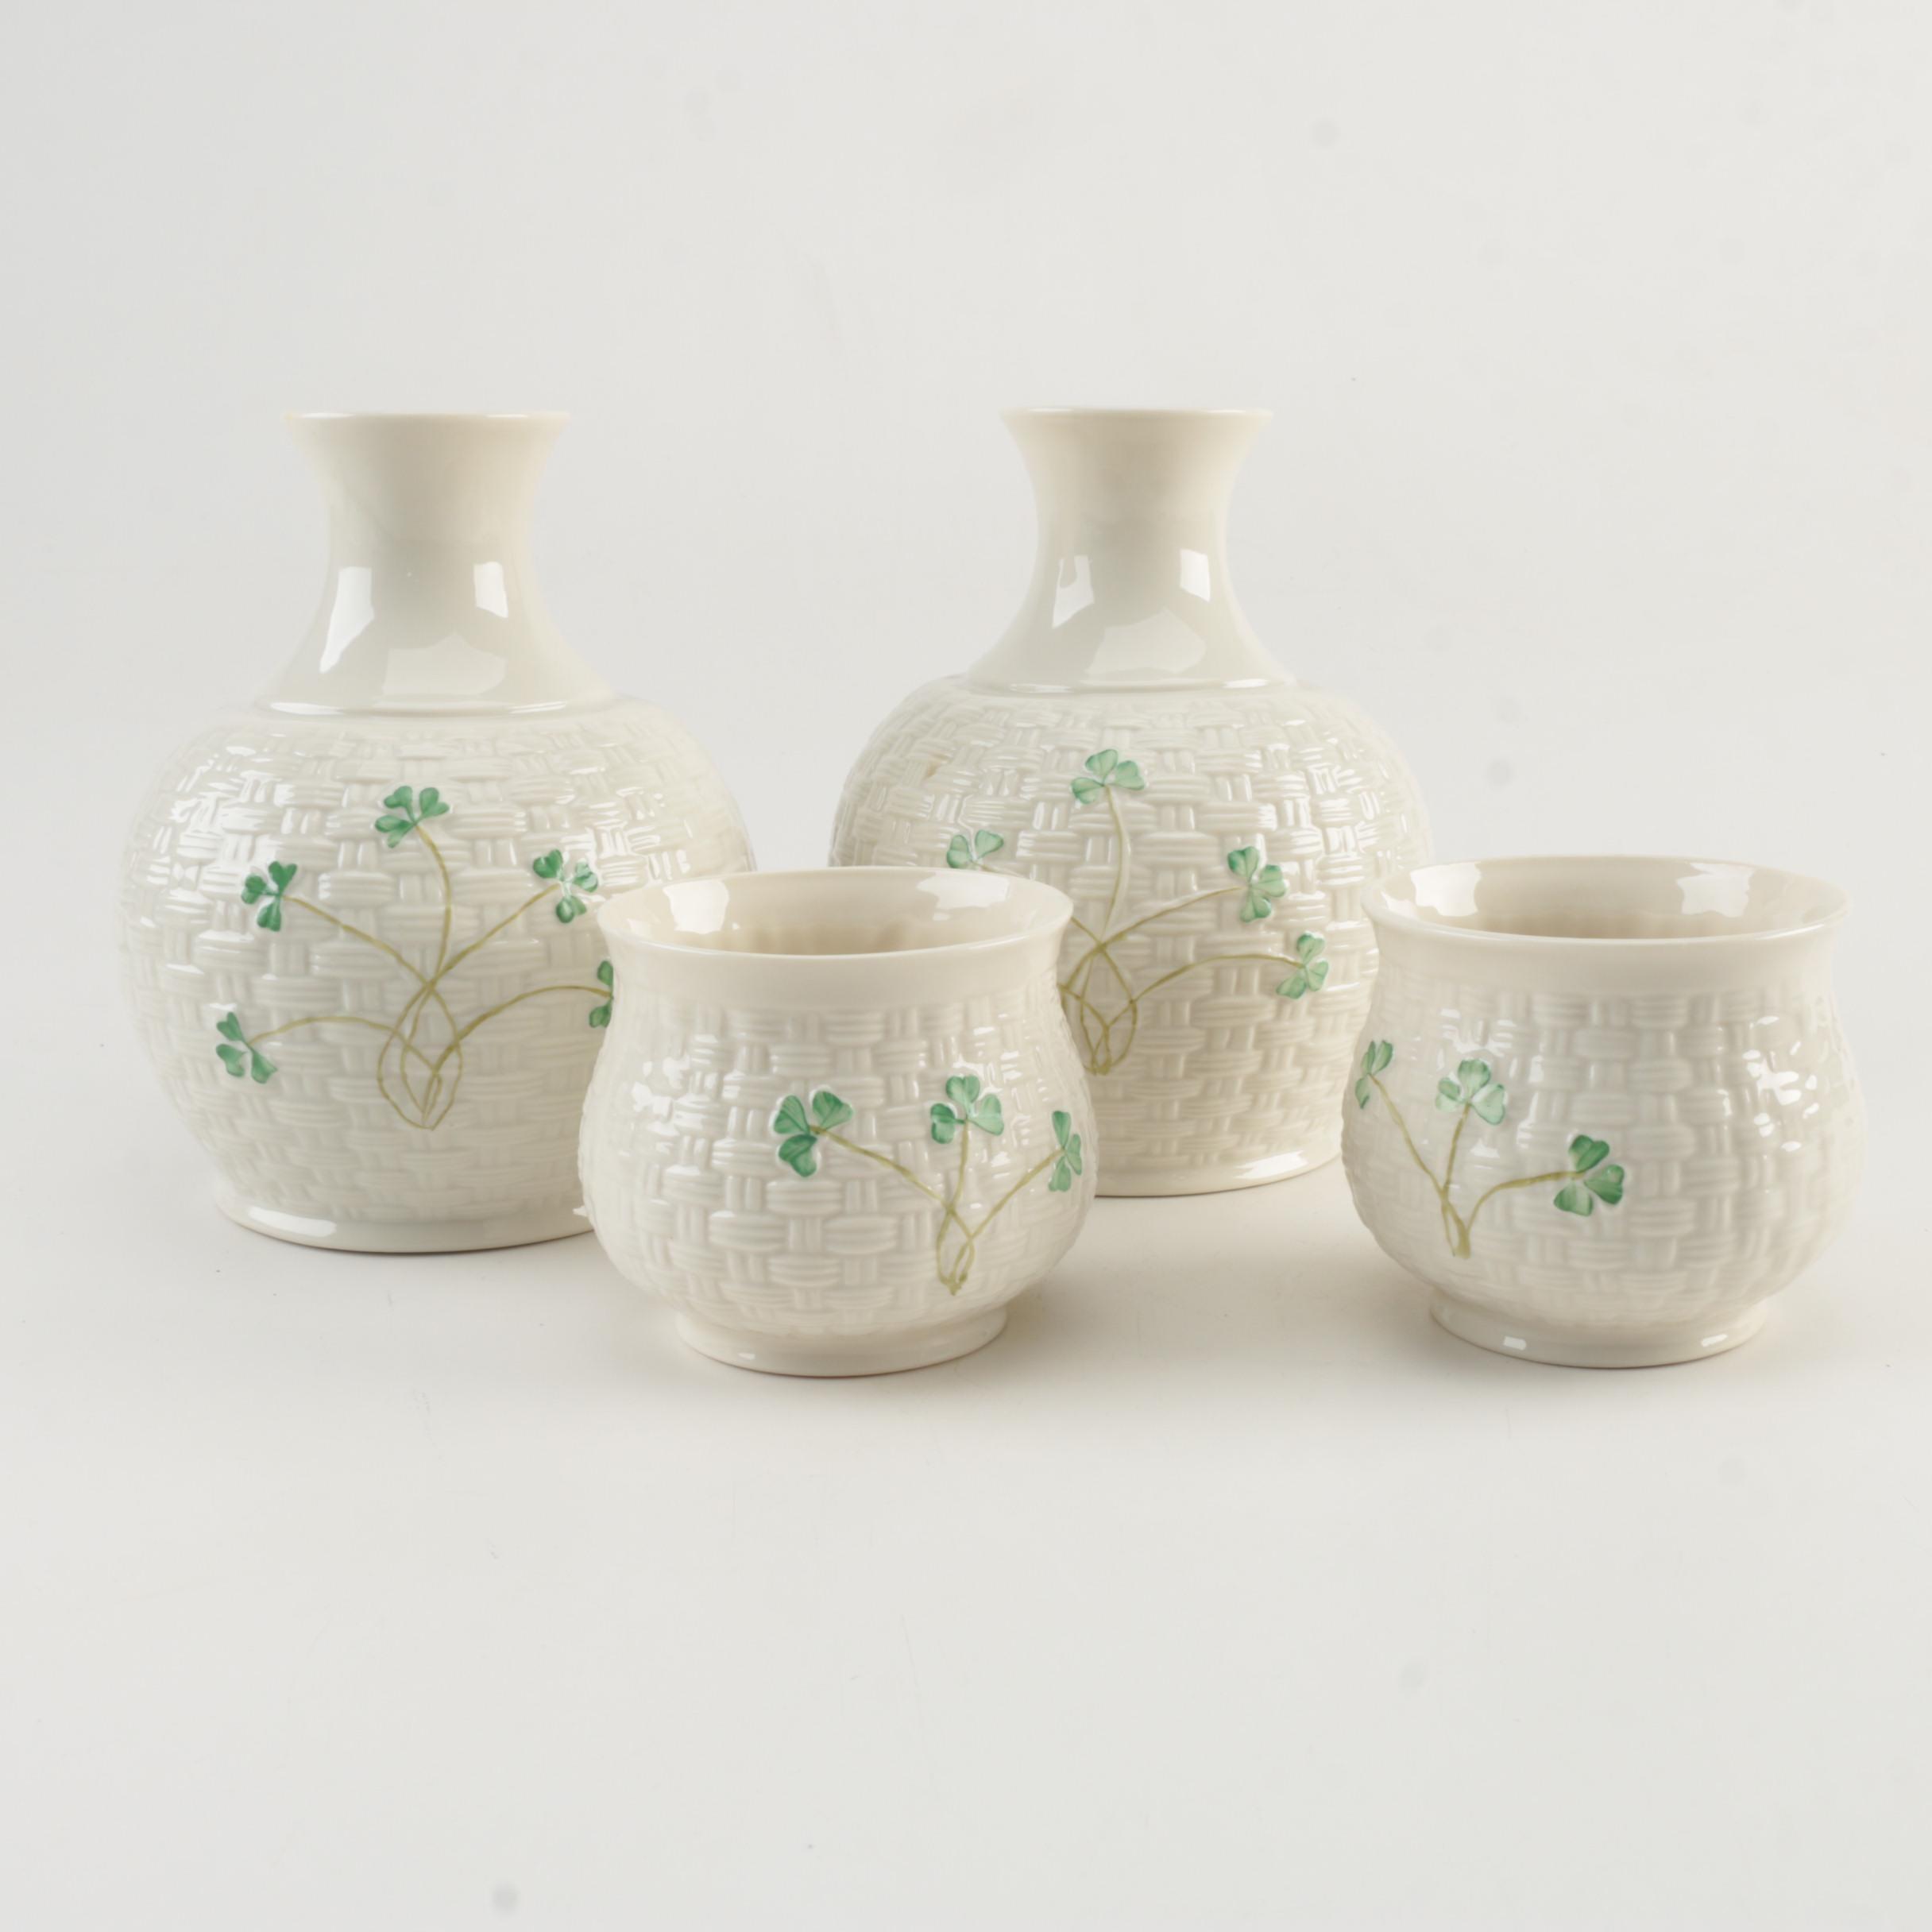 Belleek Porcelain Bedside Carafes and Cups